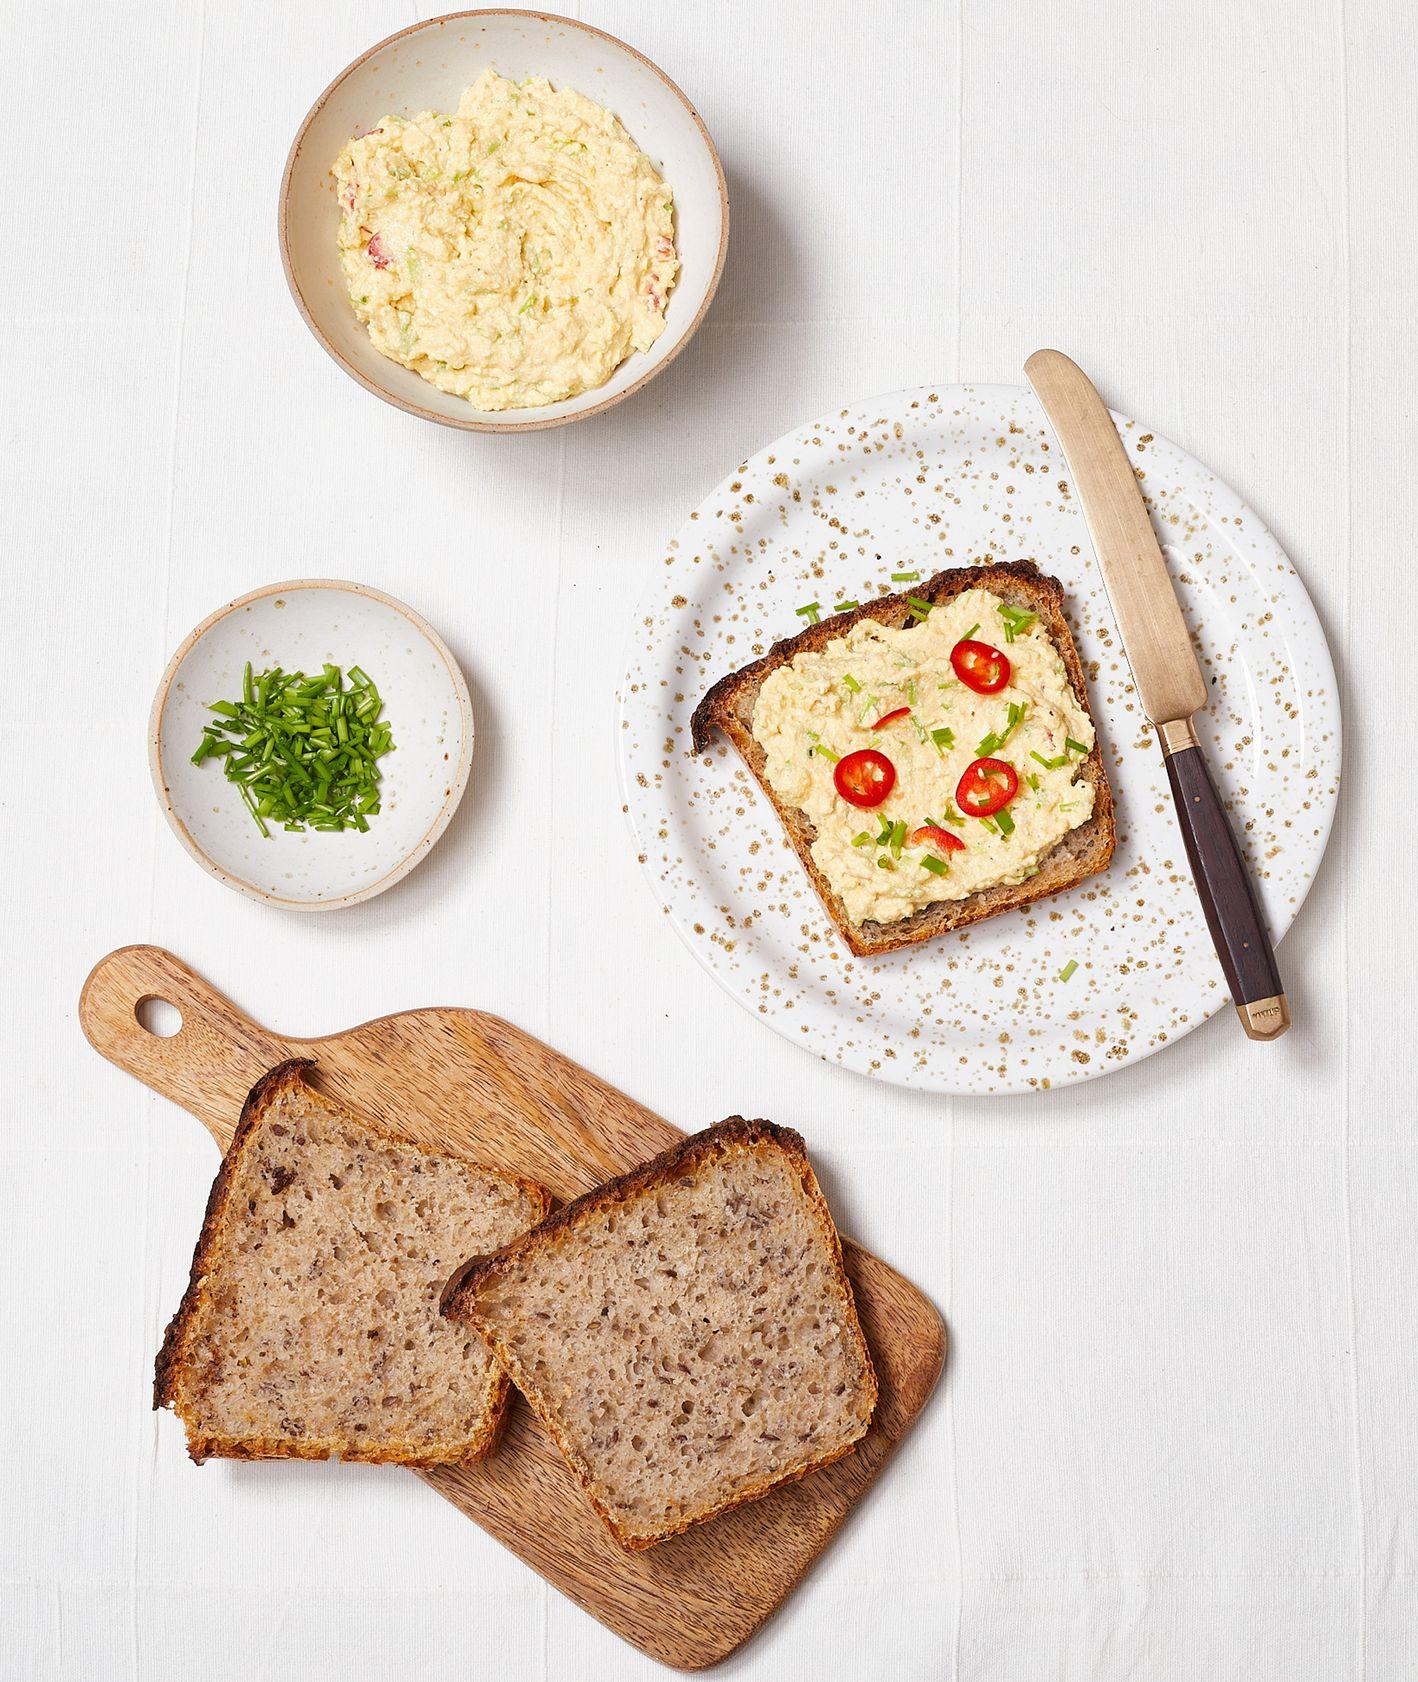 Wegańskie śniadania. Przepis na pastę bezjajeczną (fot. Maciek Niemojewski)